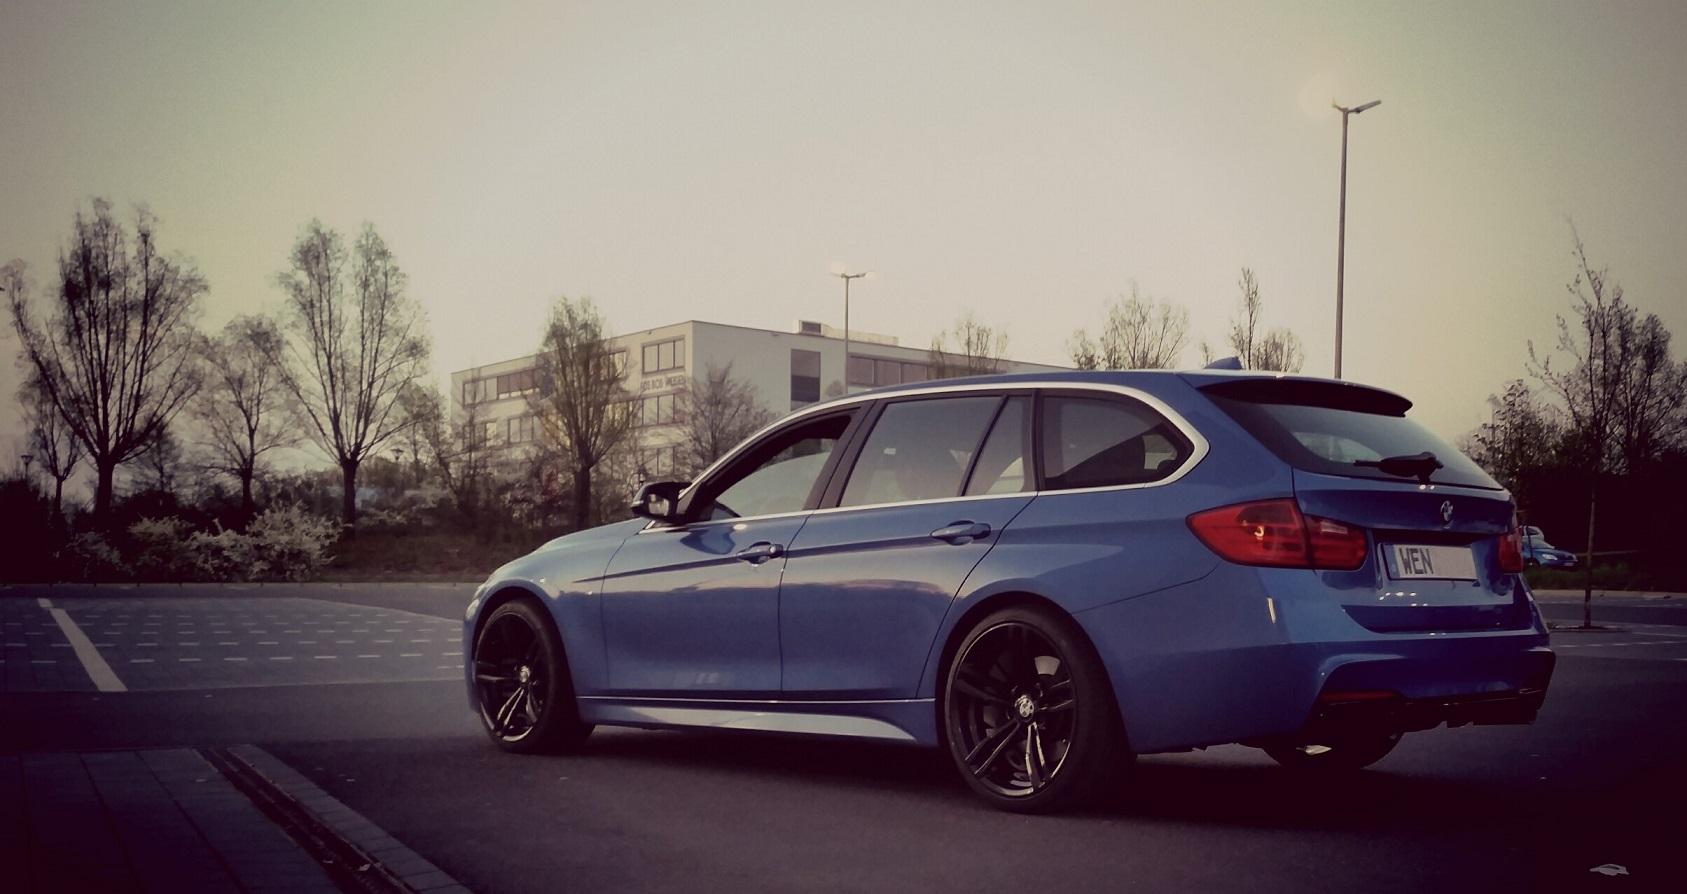 BMW F31 330d M437 9 und 10x19